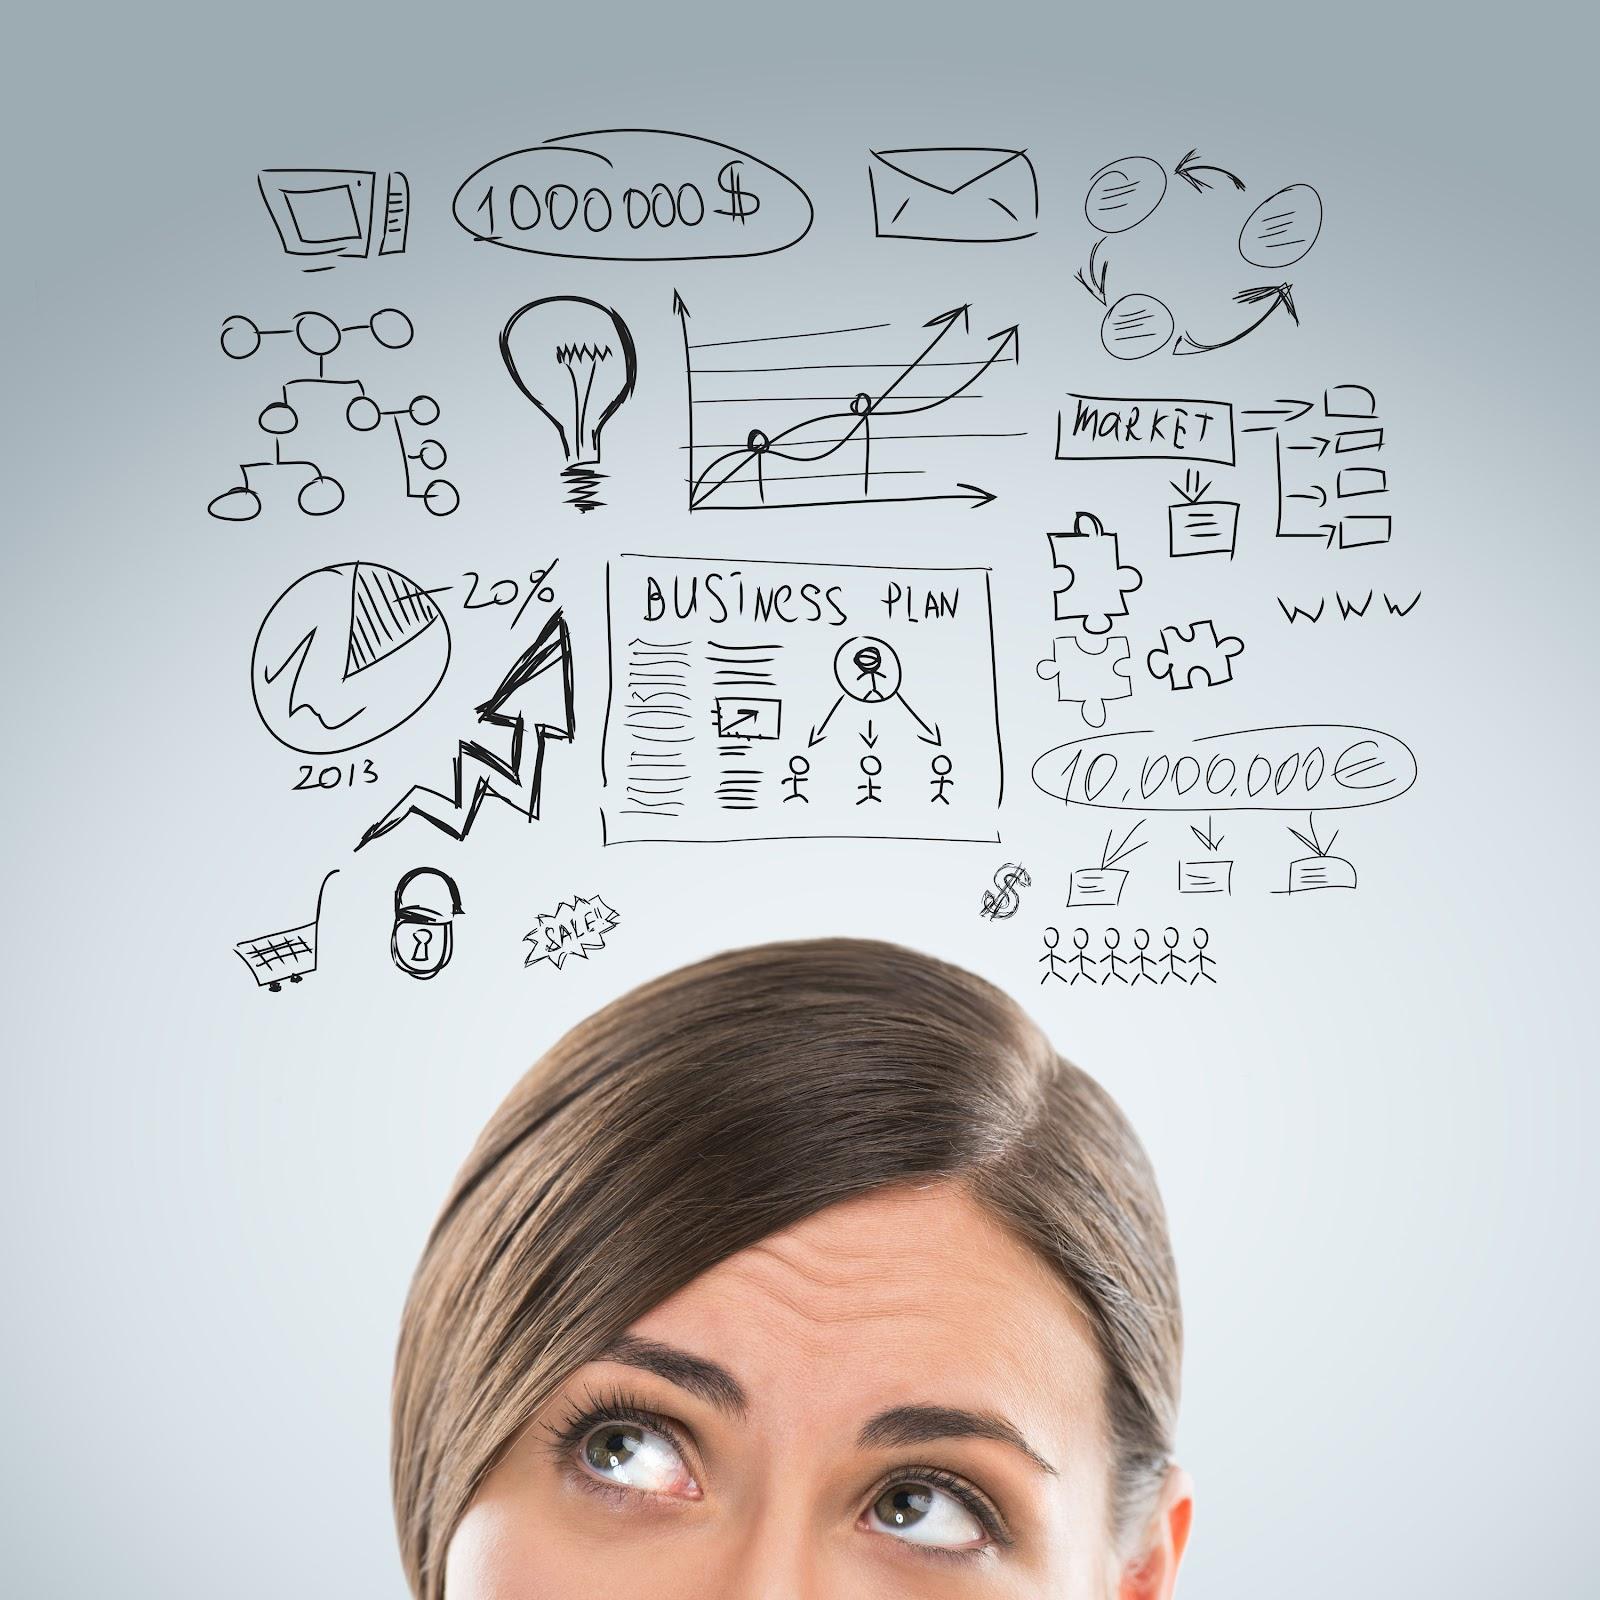 Business-Planning-Goal-Setting-Resized.jpg